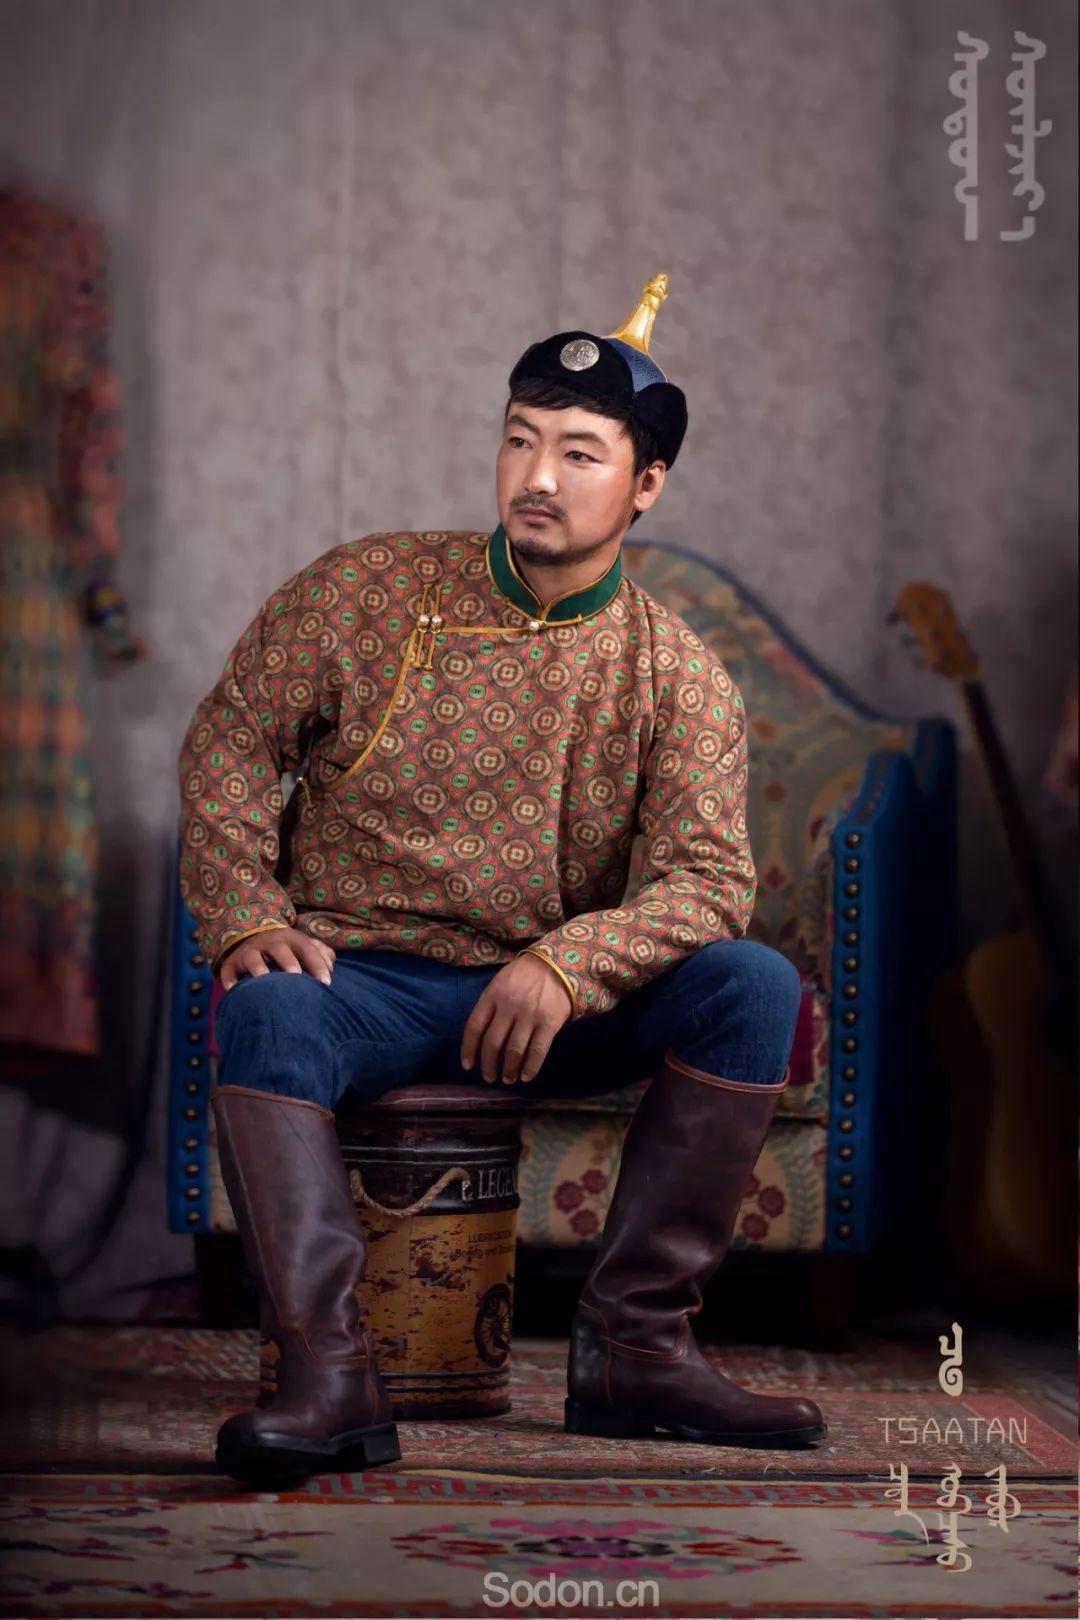 TSAATAN蒙古时装 2019新款,来自驯鹿人的独特魅力! 第14张 TSAATAN蒙古时装 2019新款,来自驯鹿人的独特魅力! 蒙古服饰